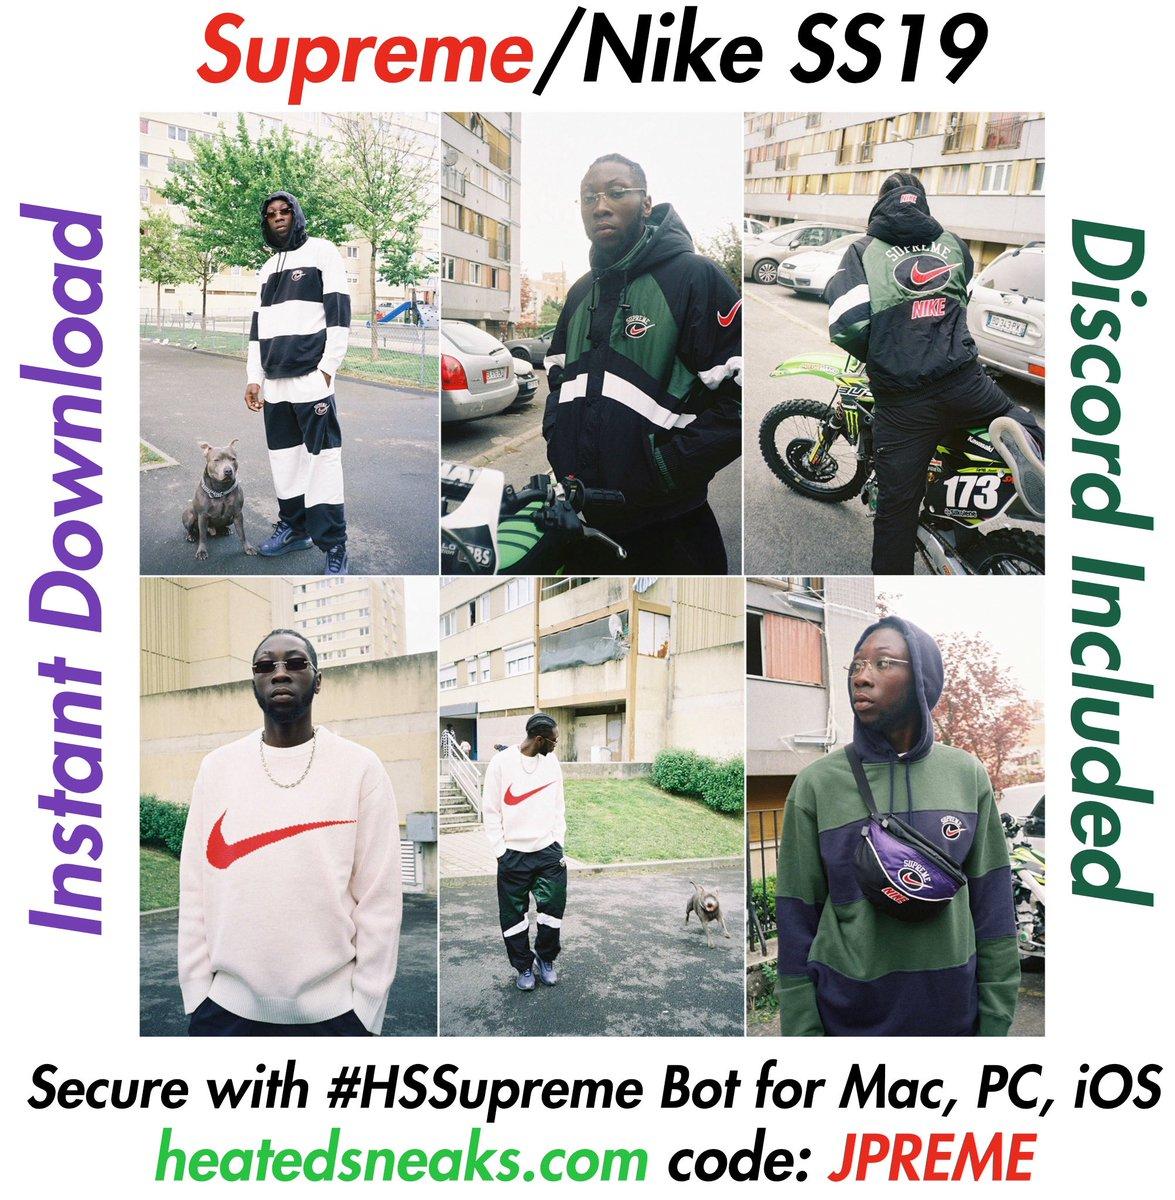 fec32370d3f5 Hashtag #hssupreme su Twitter